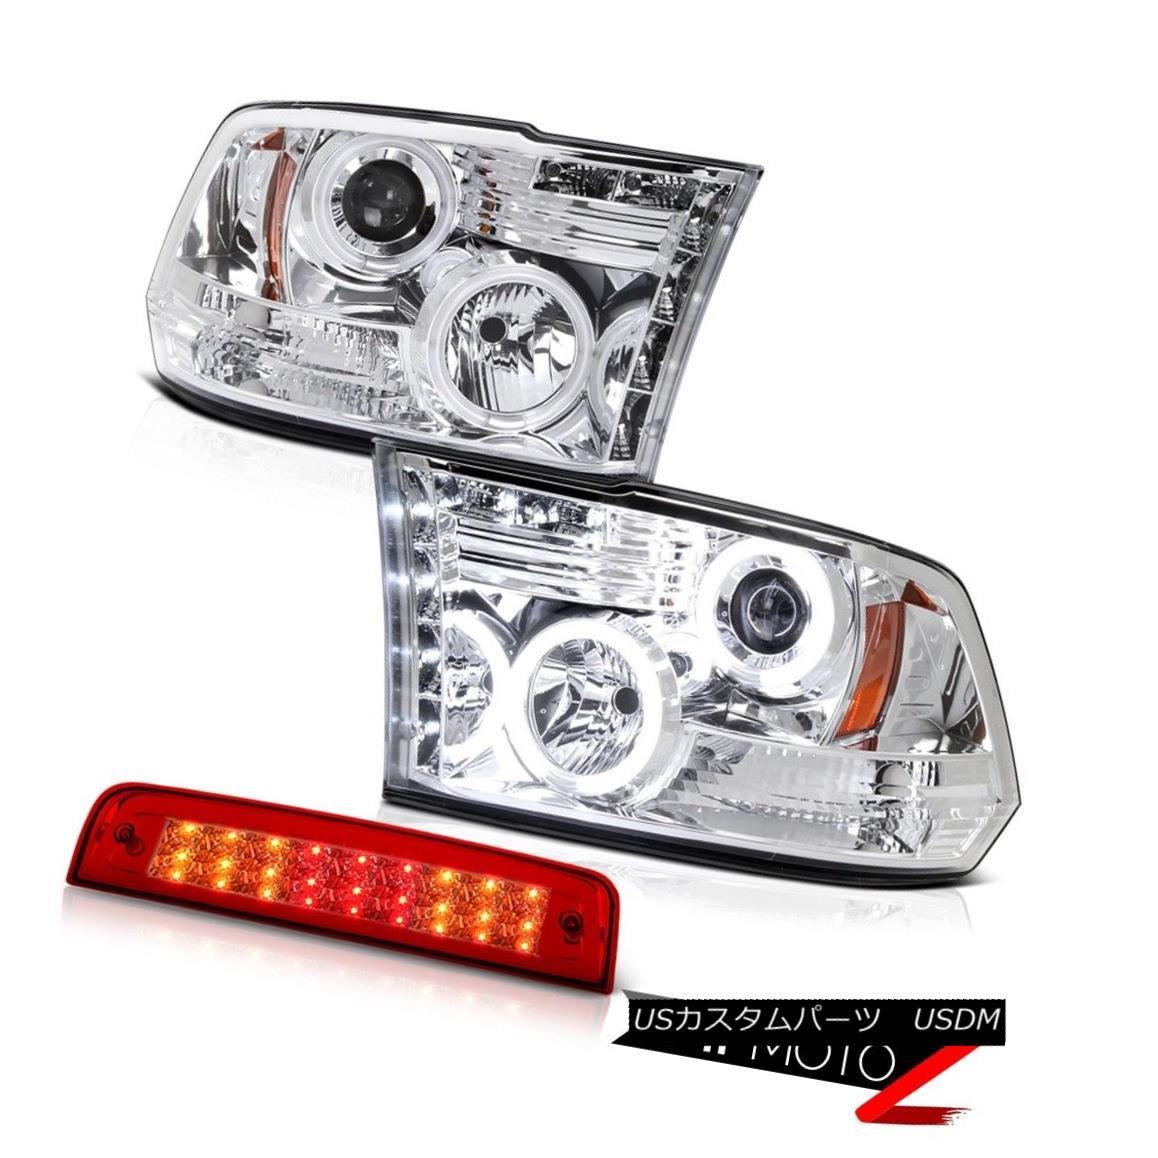 テールライト 09-18 Ram 1500 6.7L Wine Red 3RD Brake Lamp Euro Clear Headlamps LED CCFL Ring 09-18ラム1500 6.7Lワインレッド3RDブレーキランプユーロクリアヘッドランプLED CCFLリング